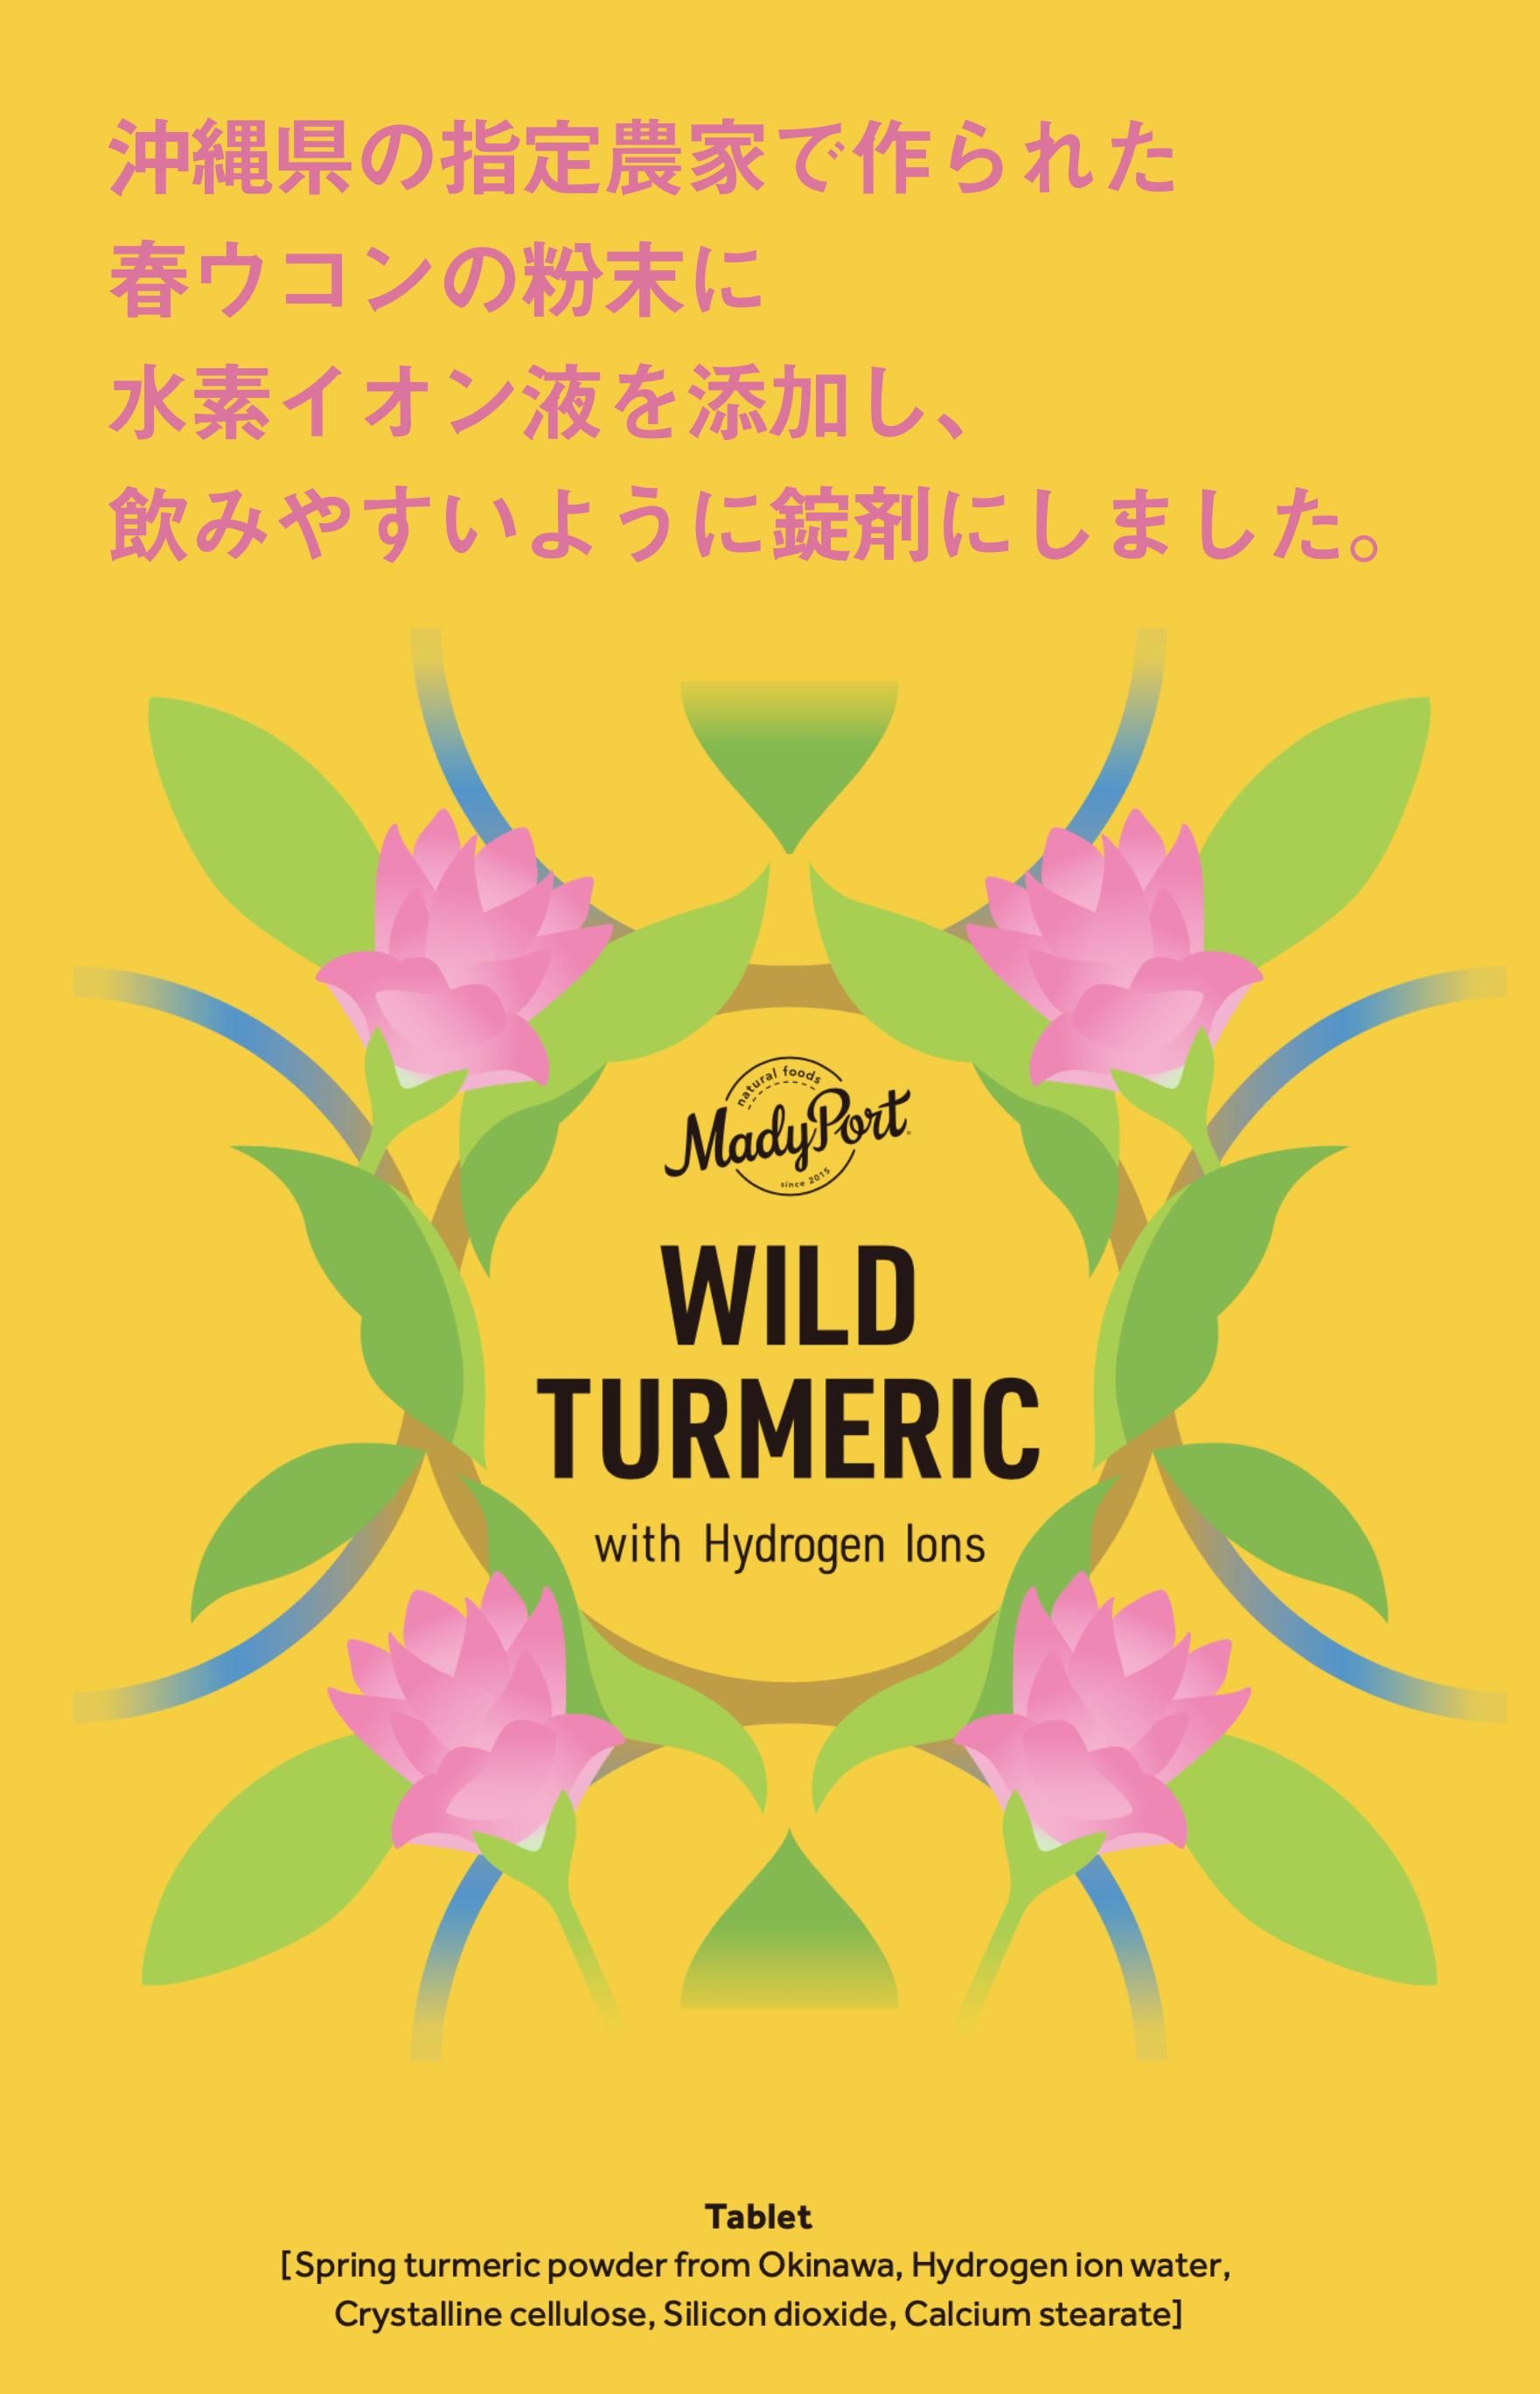 沖縄県の指定農家で作られた春ウコンの粉末に水素イオン液を添加し、飲みやすいように錠剤にしました。